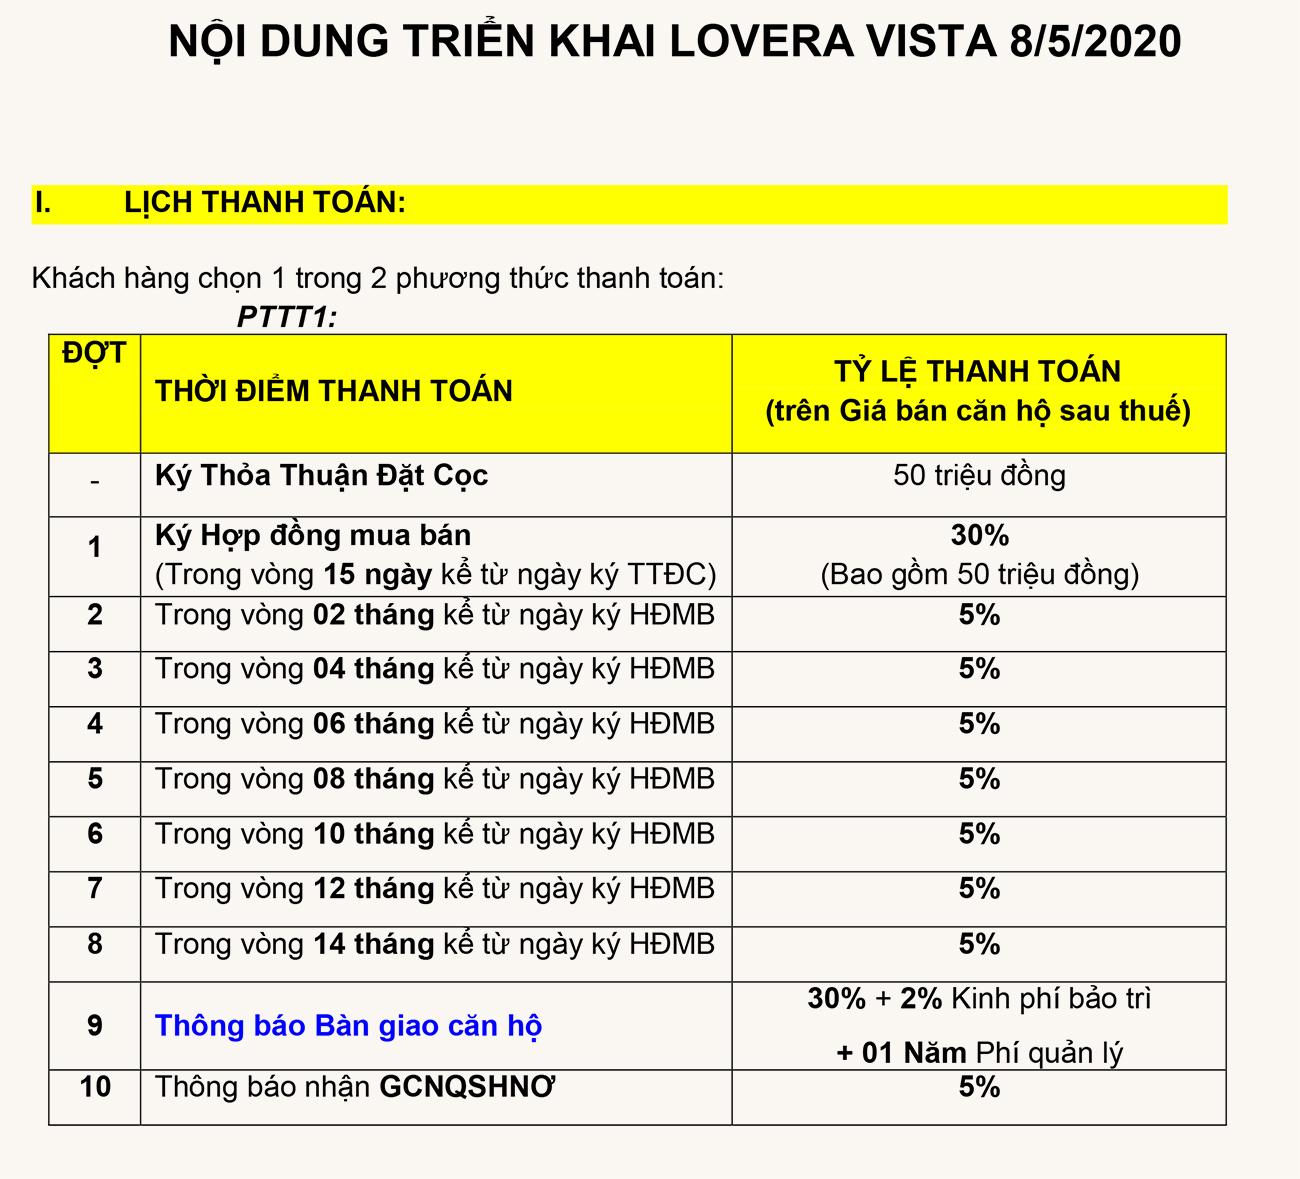 Phương thức thanh toán và Ưu đãi khi mua Lovera Vista tháng 05/2020